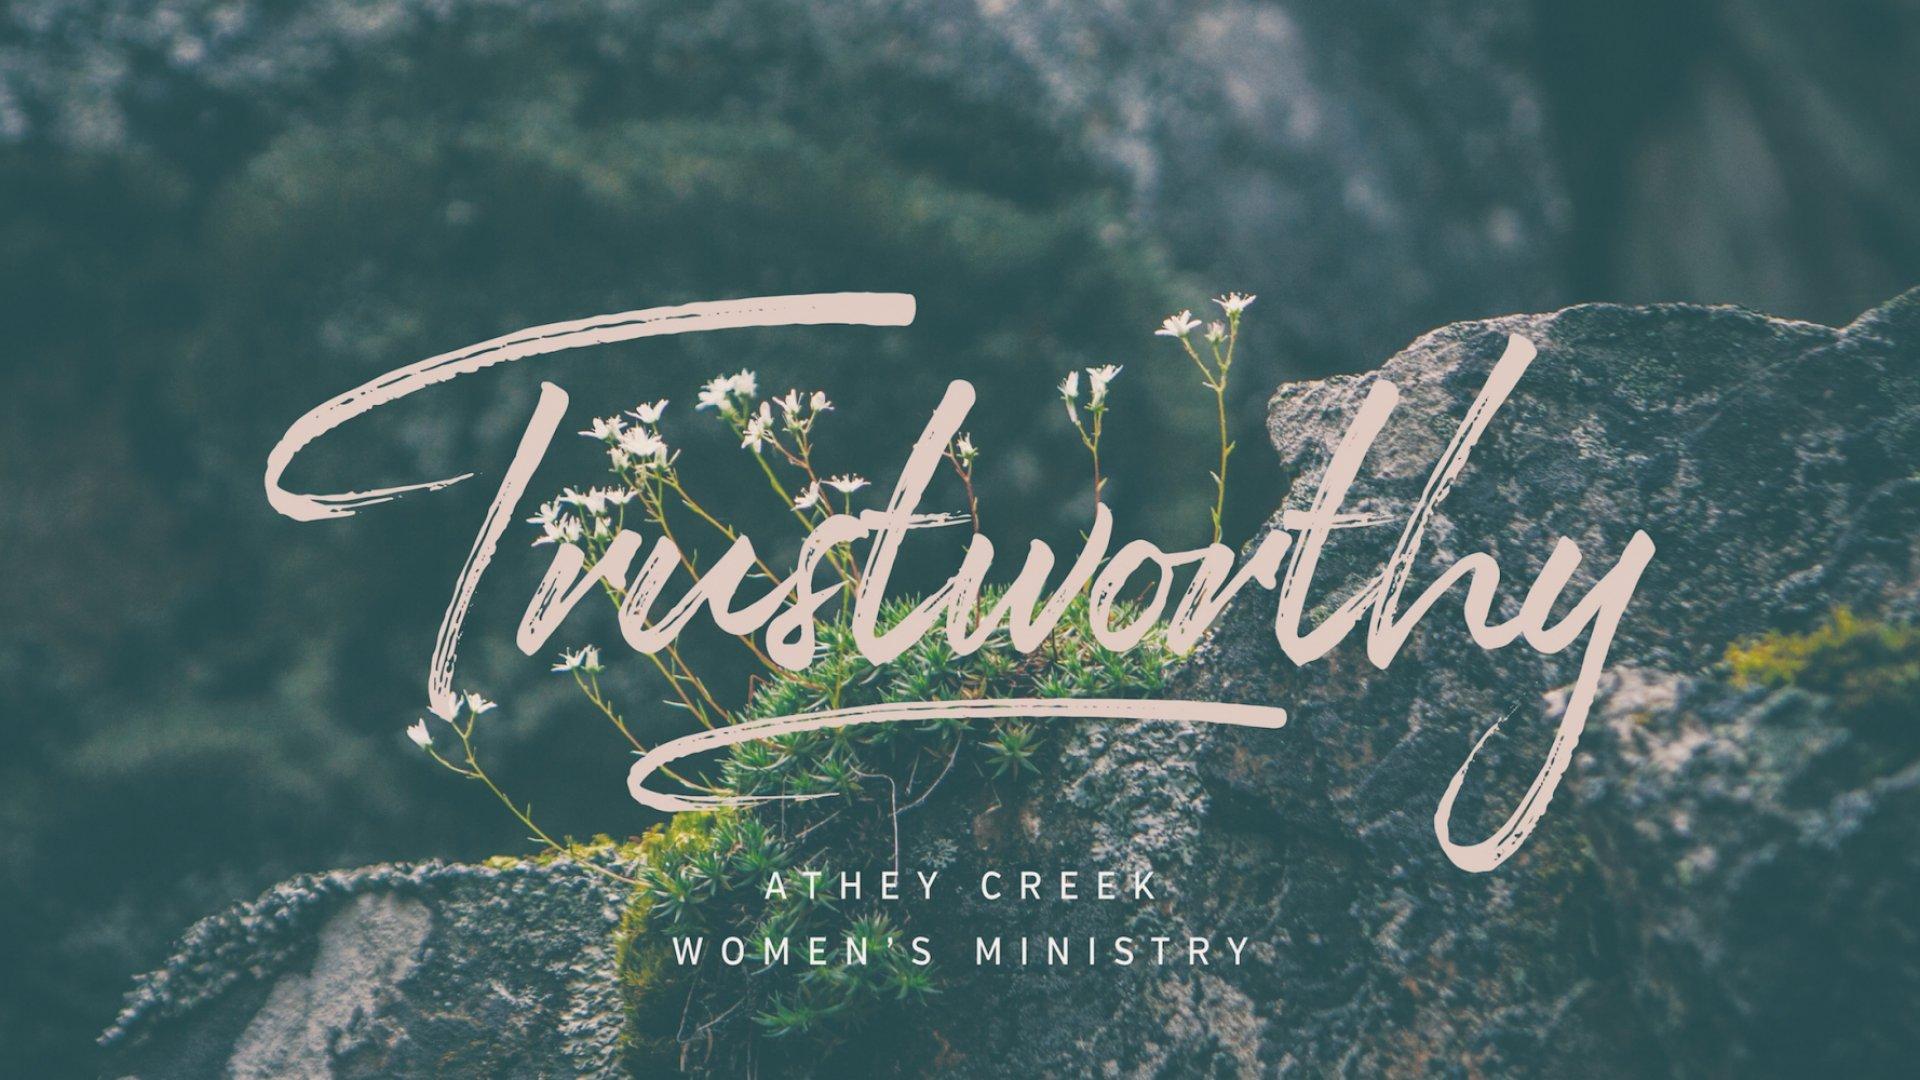 Teaching artwork for Trustworthy